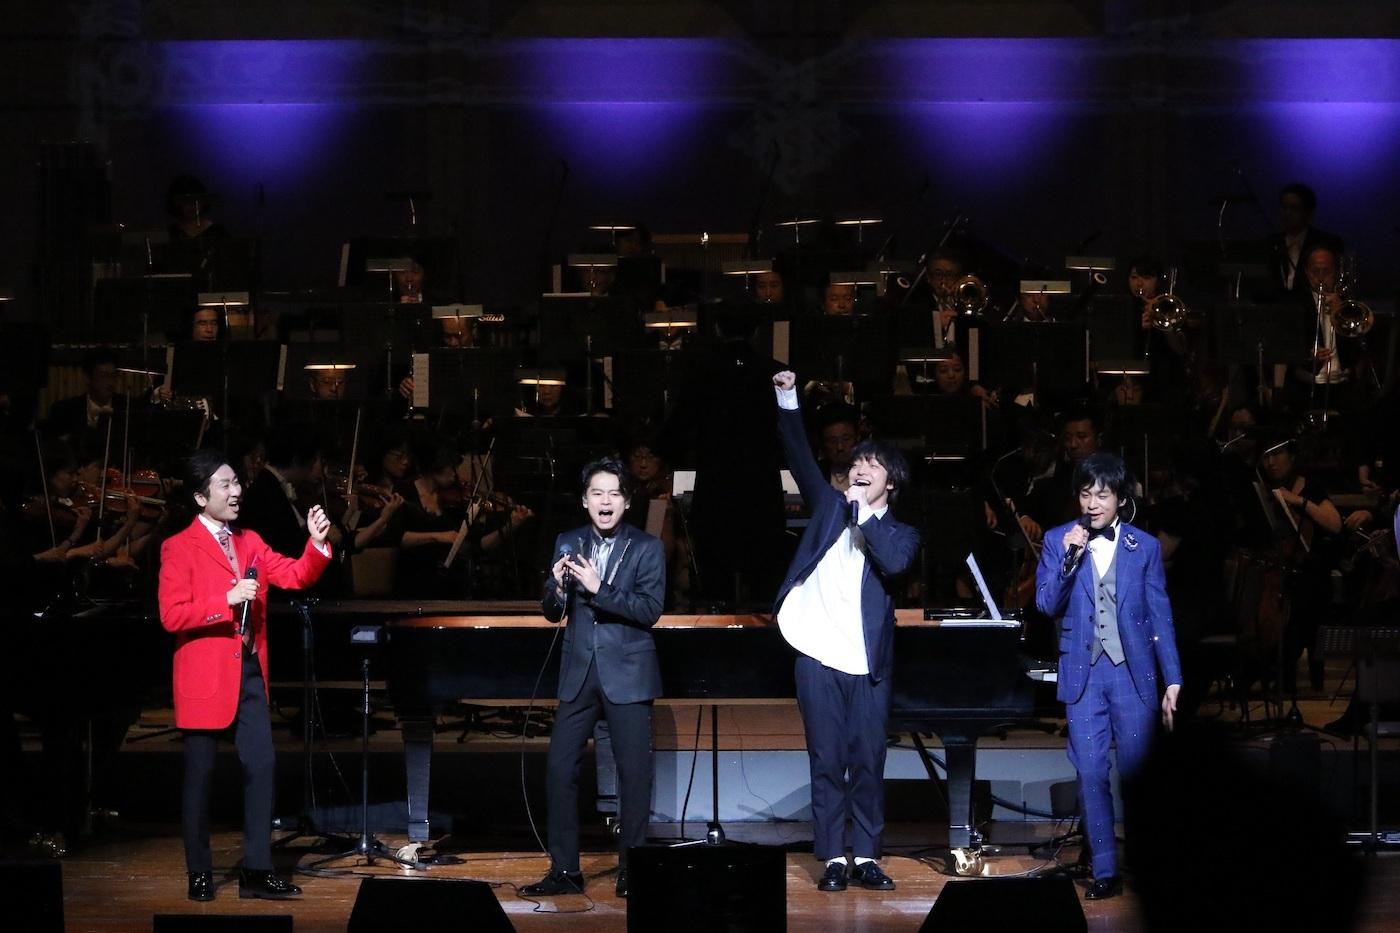 『「ひかりを聴け」オーケストラコンサート 〜コトダマの音楽祭 part II〜』